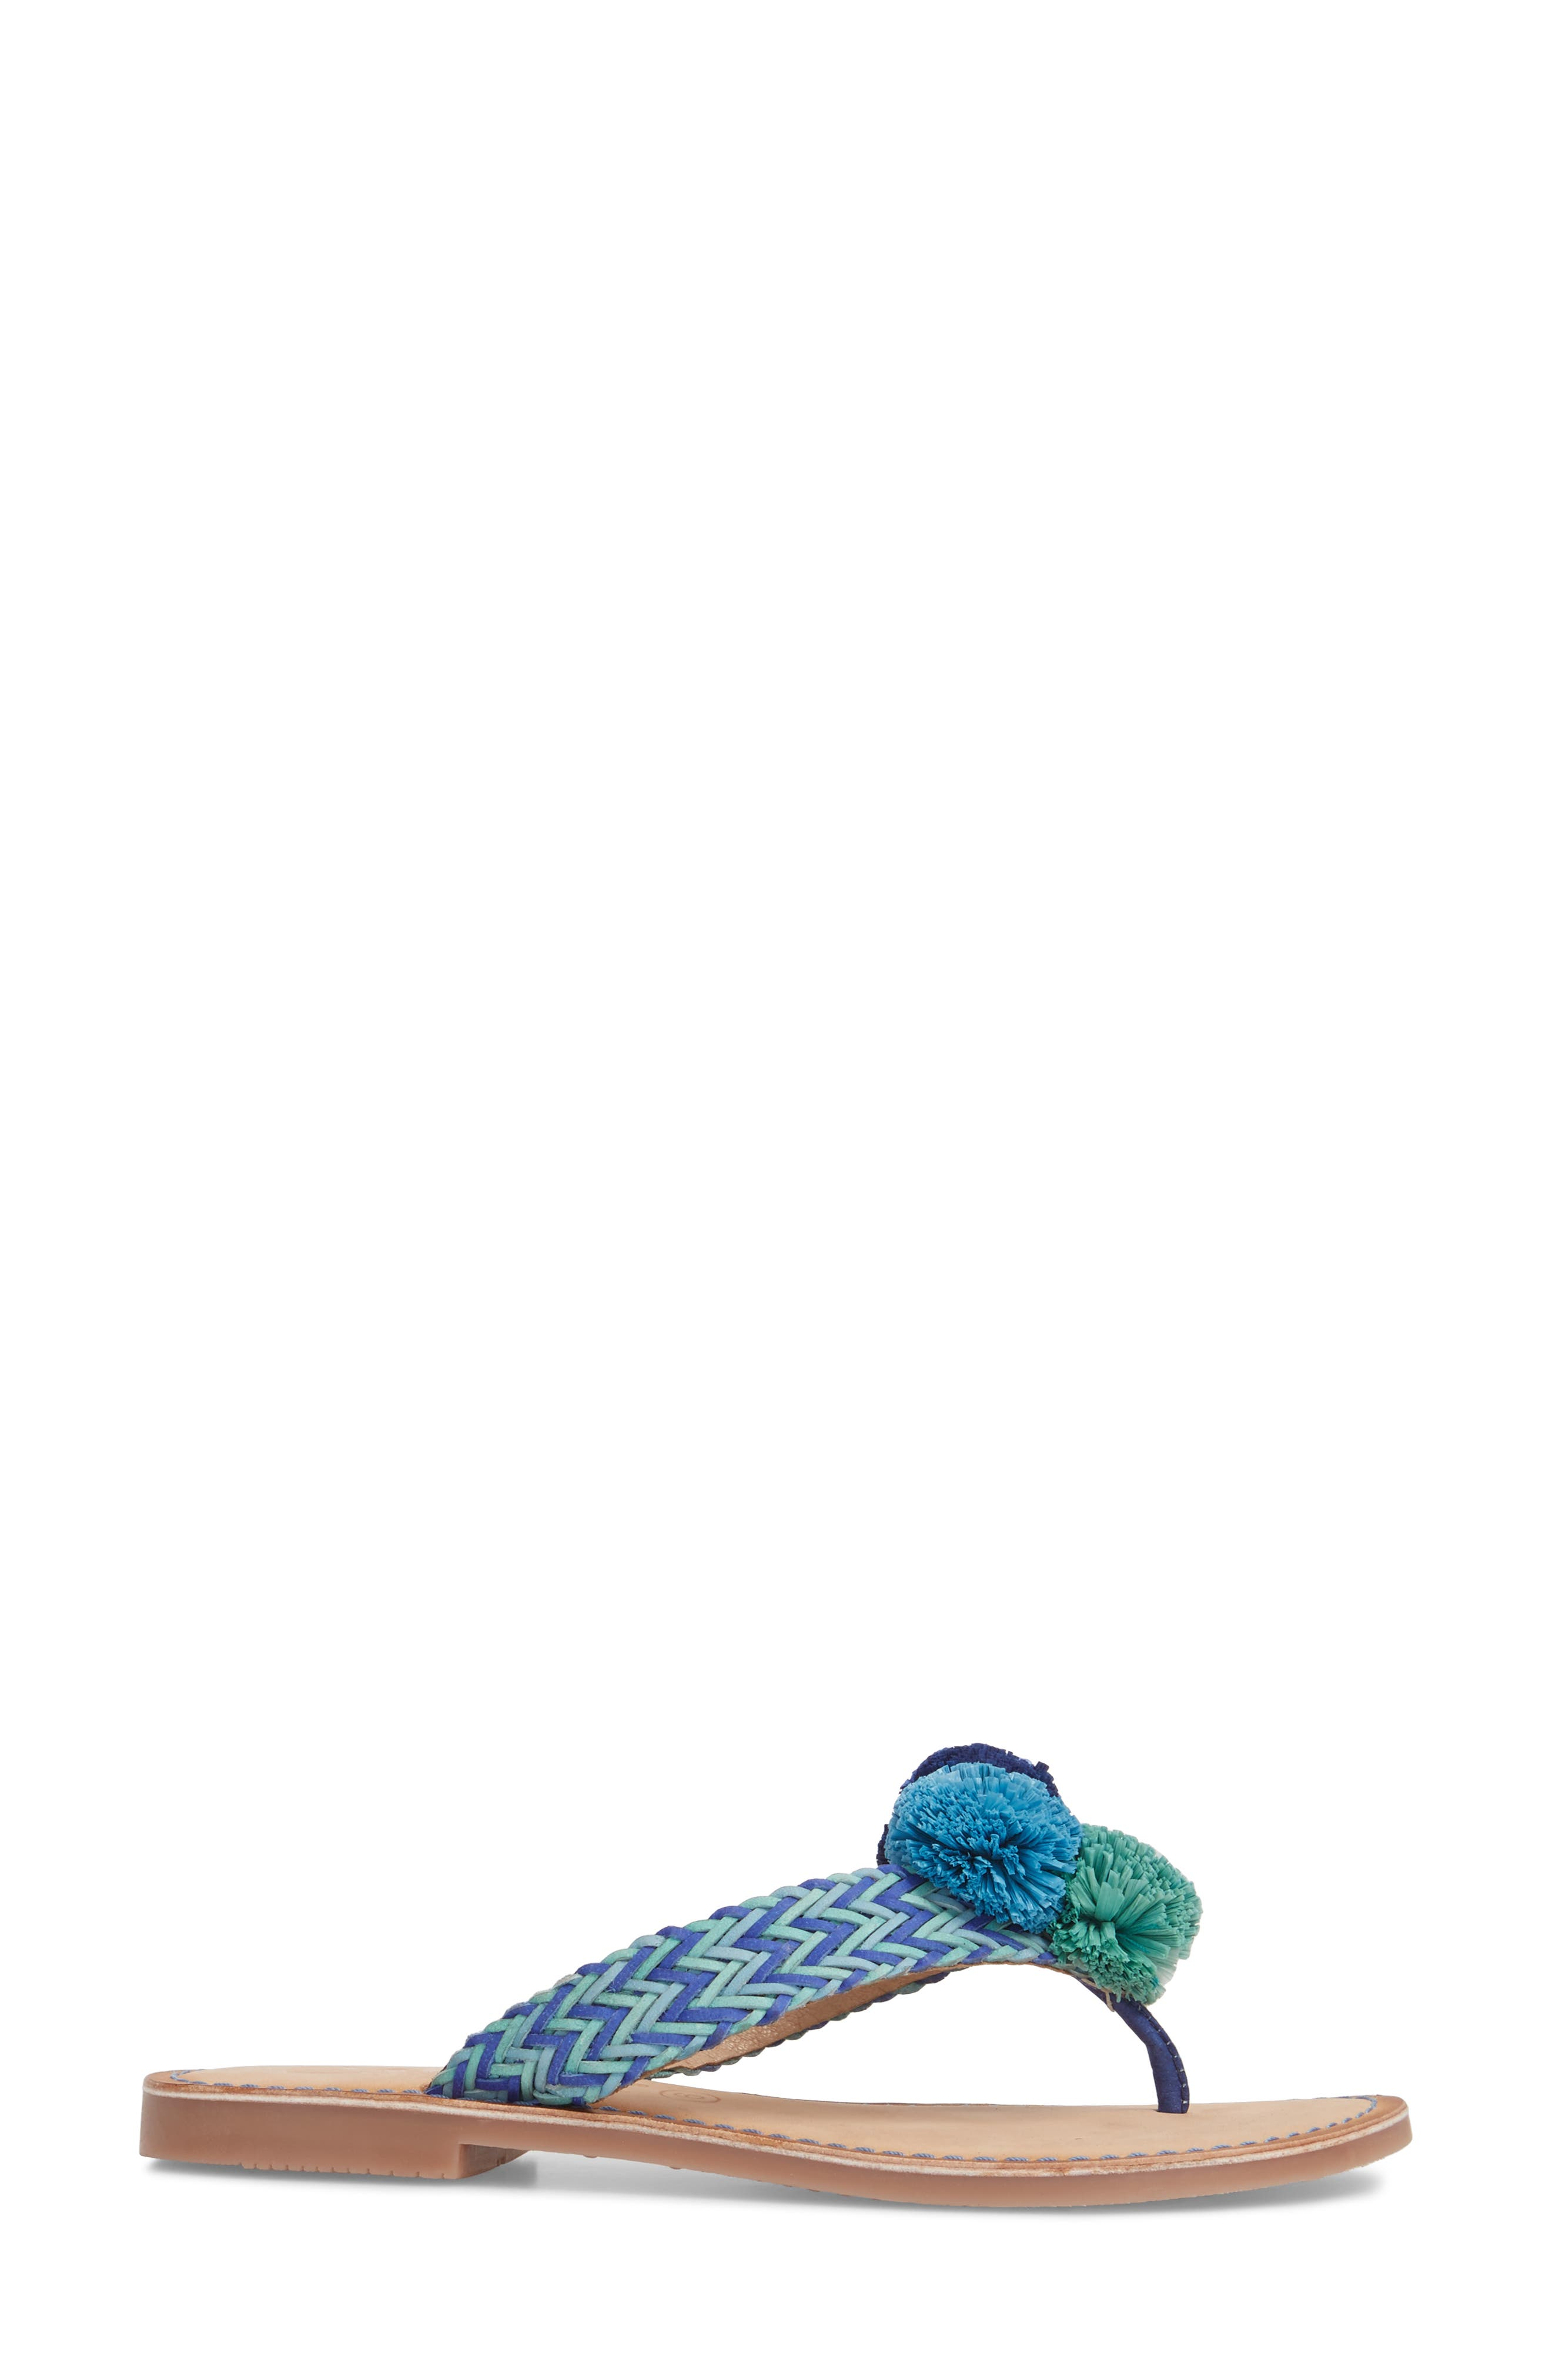 Pomm Flip Flop,                             Alternate thumbnail 3, color,                             Blue Leather